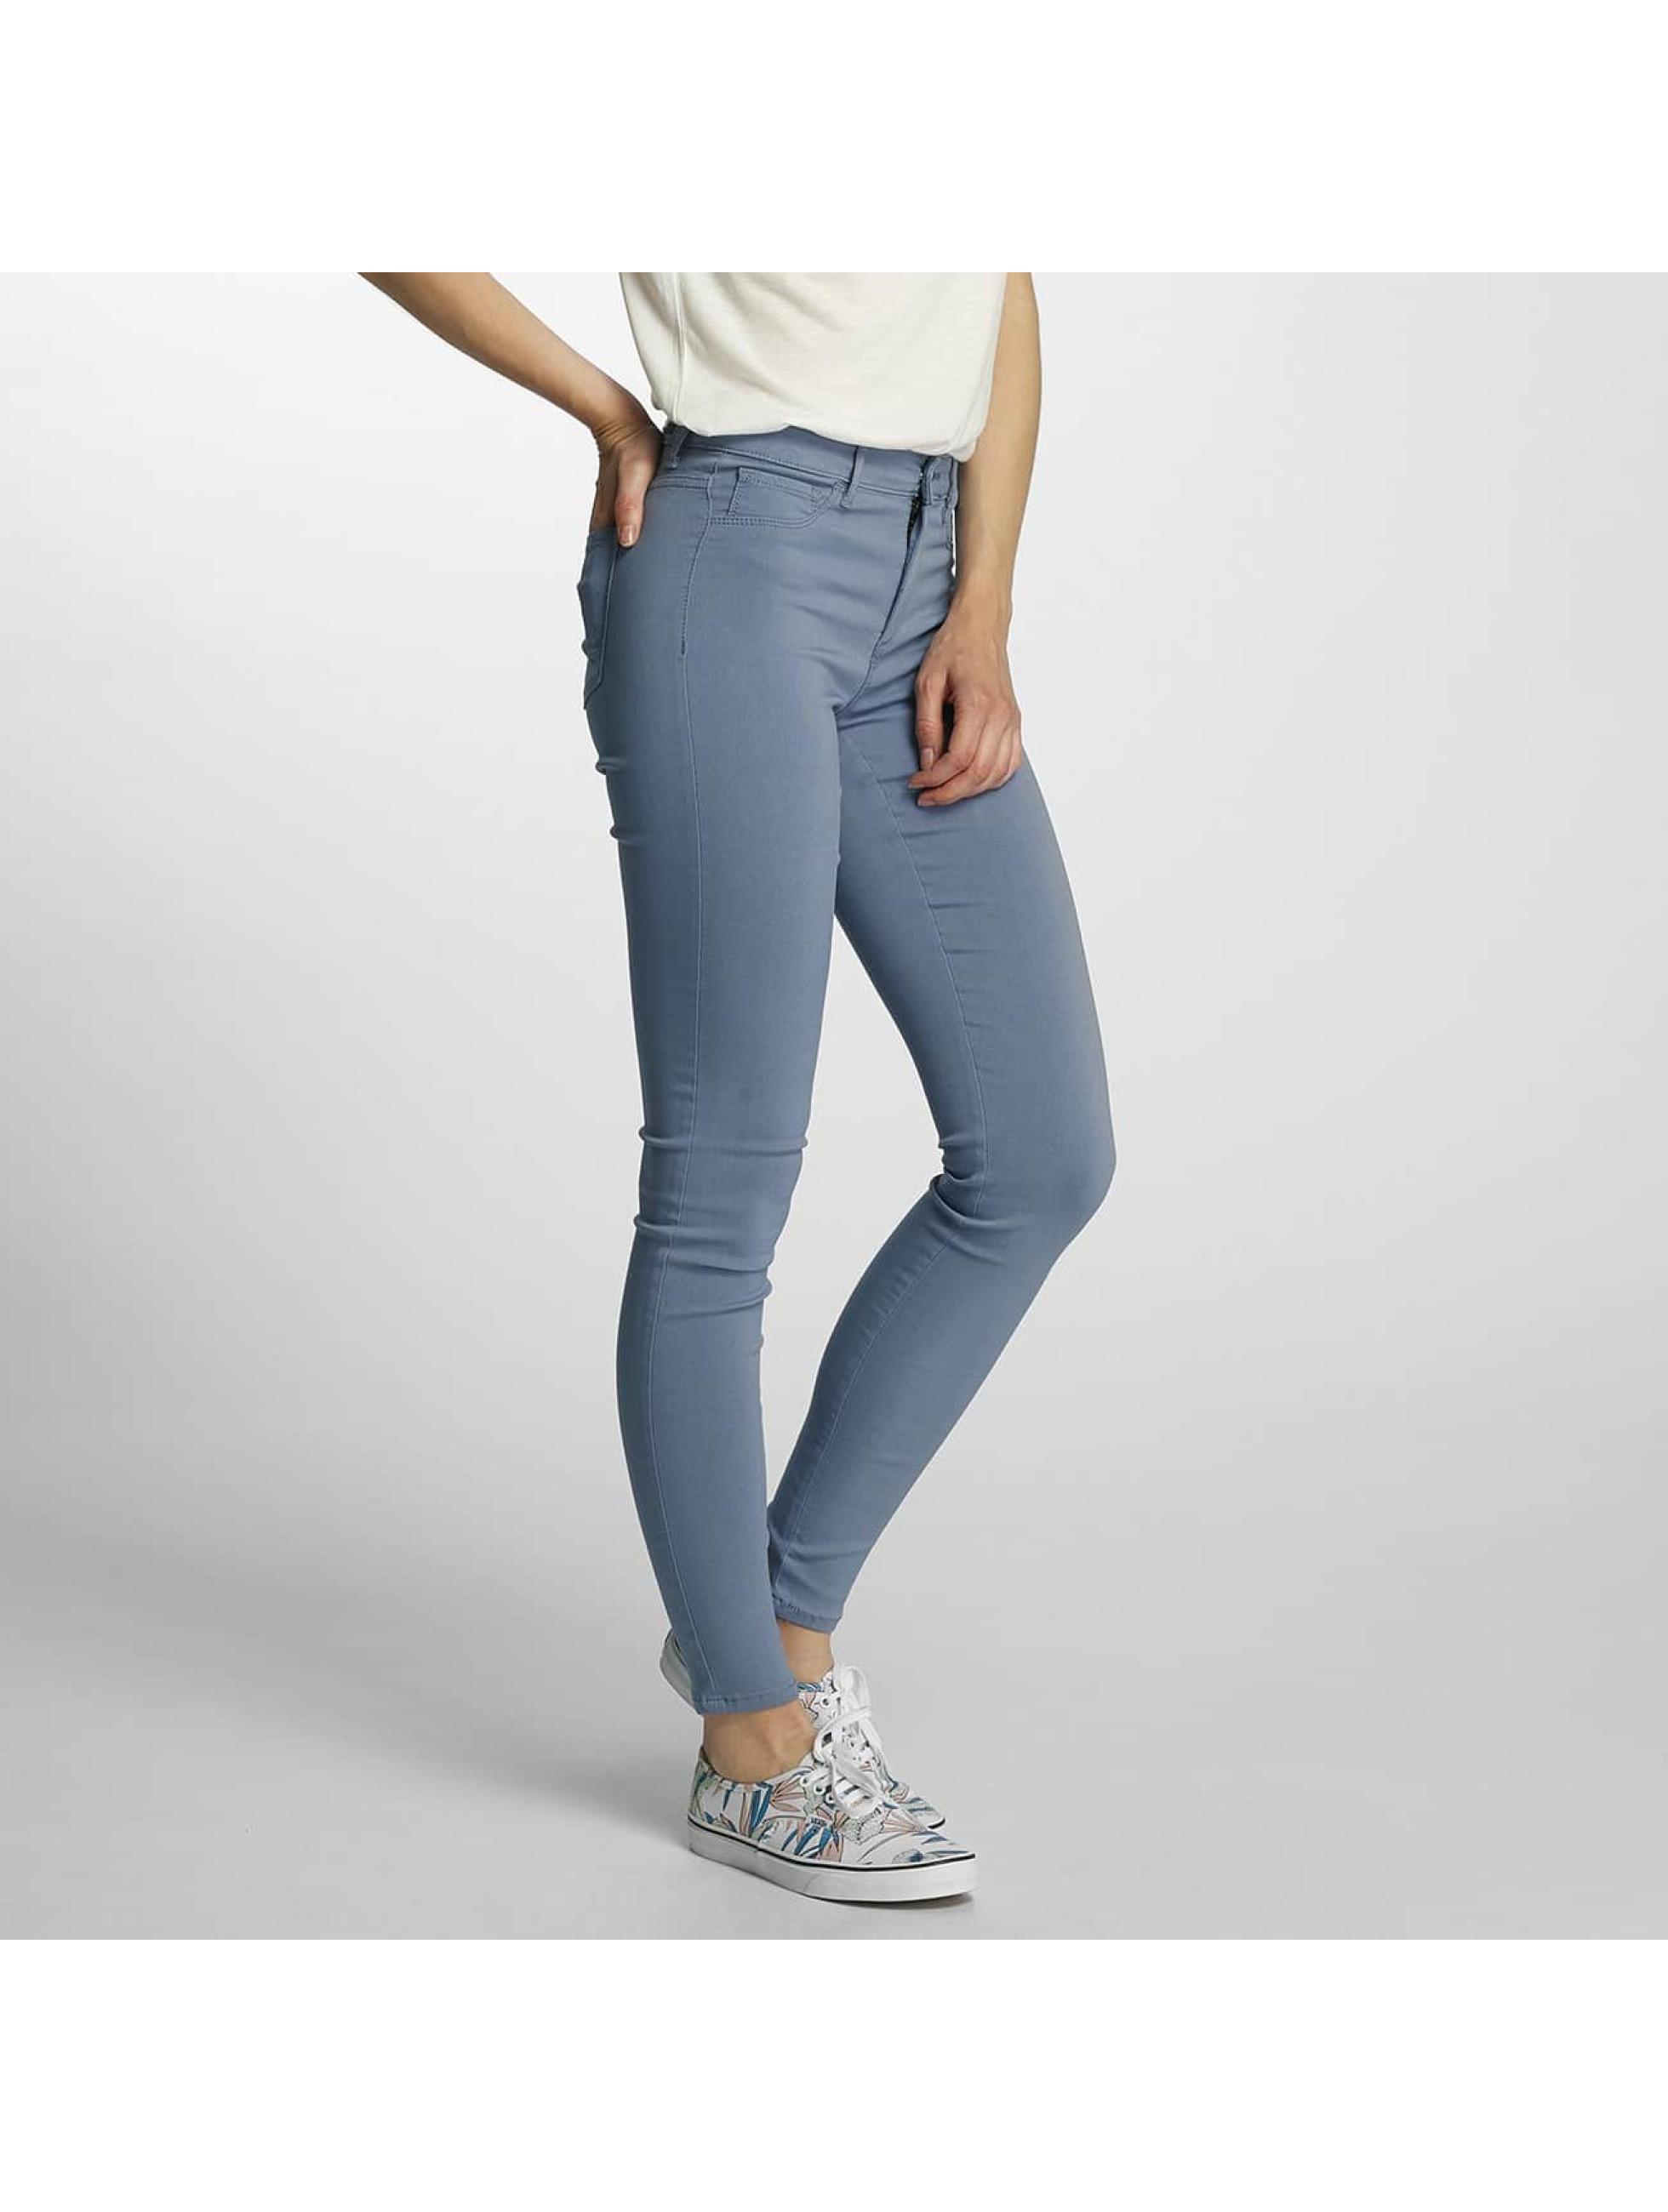 Pieces Legíny/Tregíny pcSkin Wear modrá